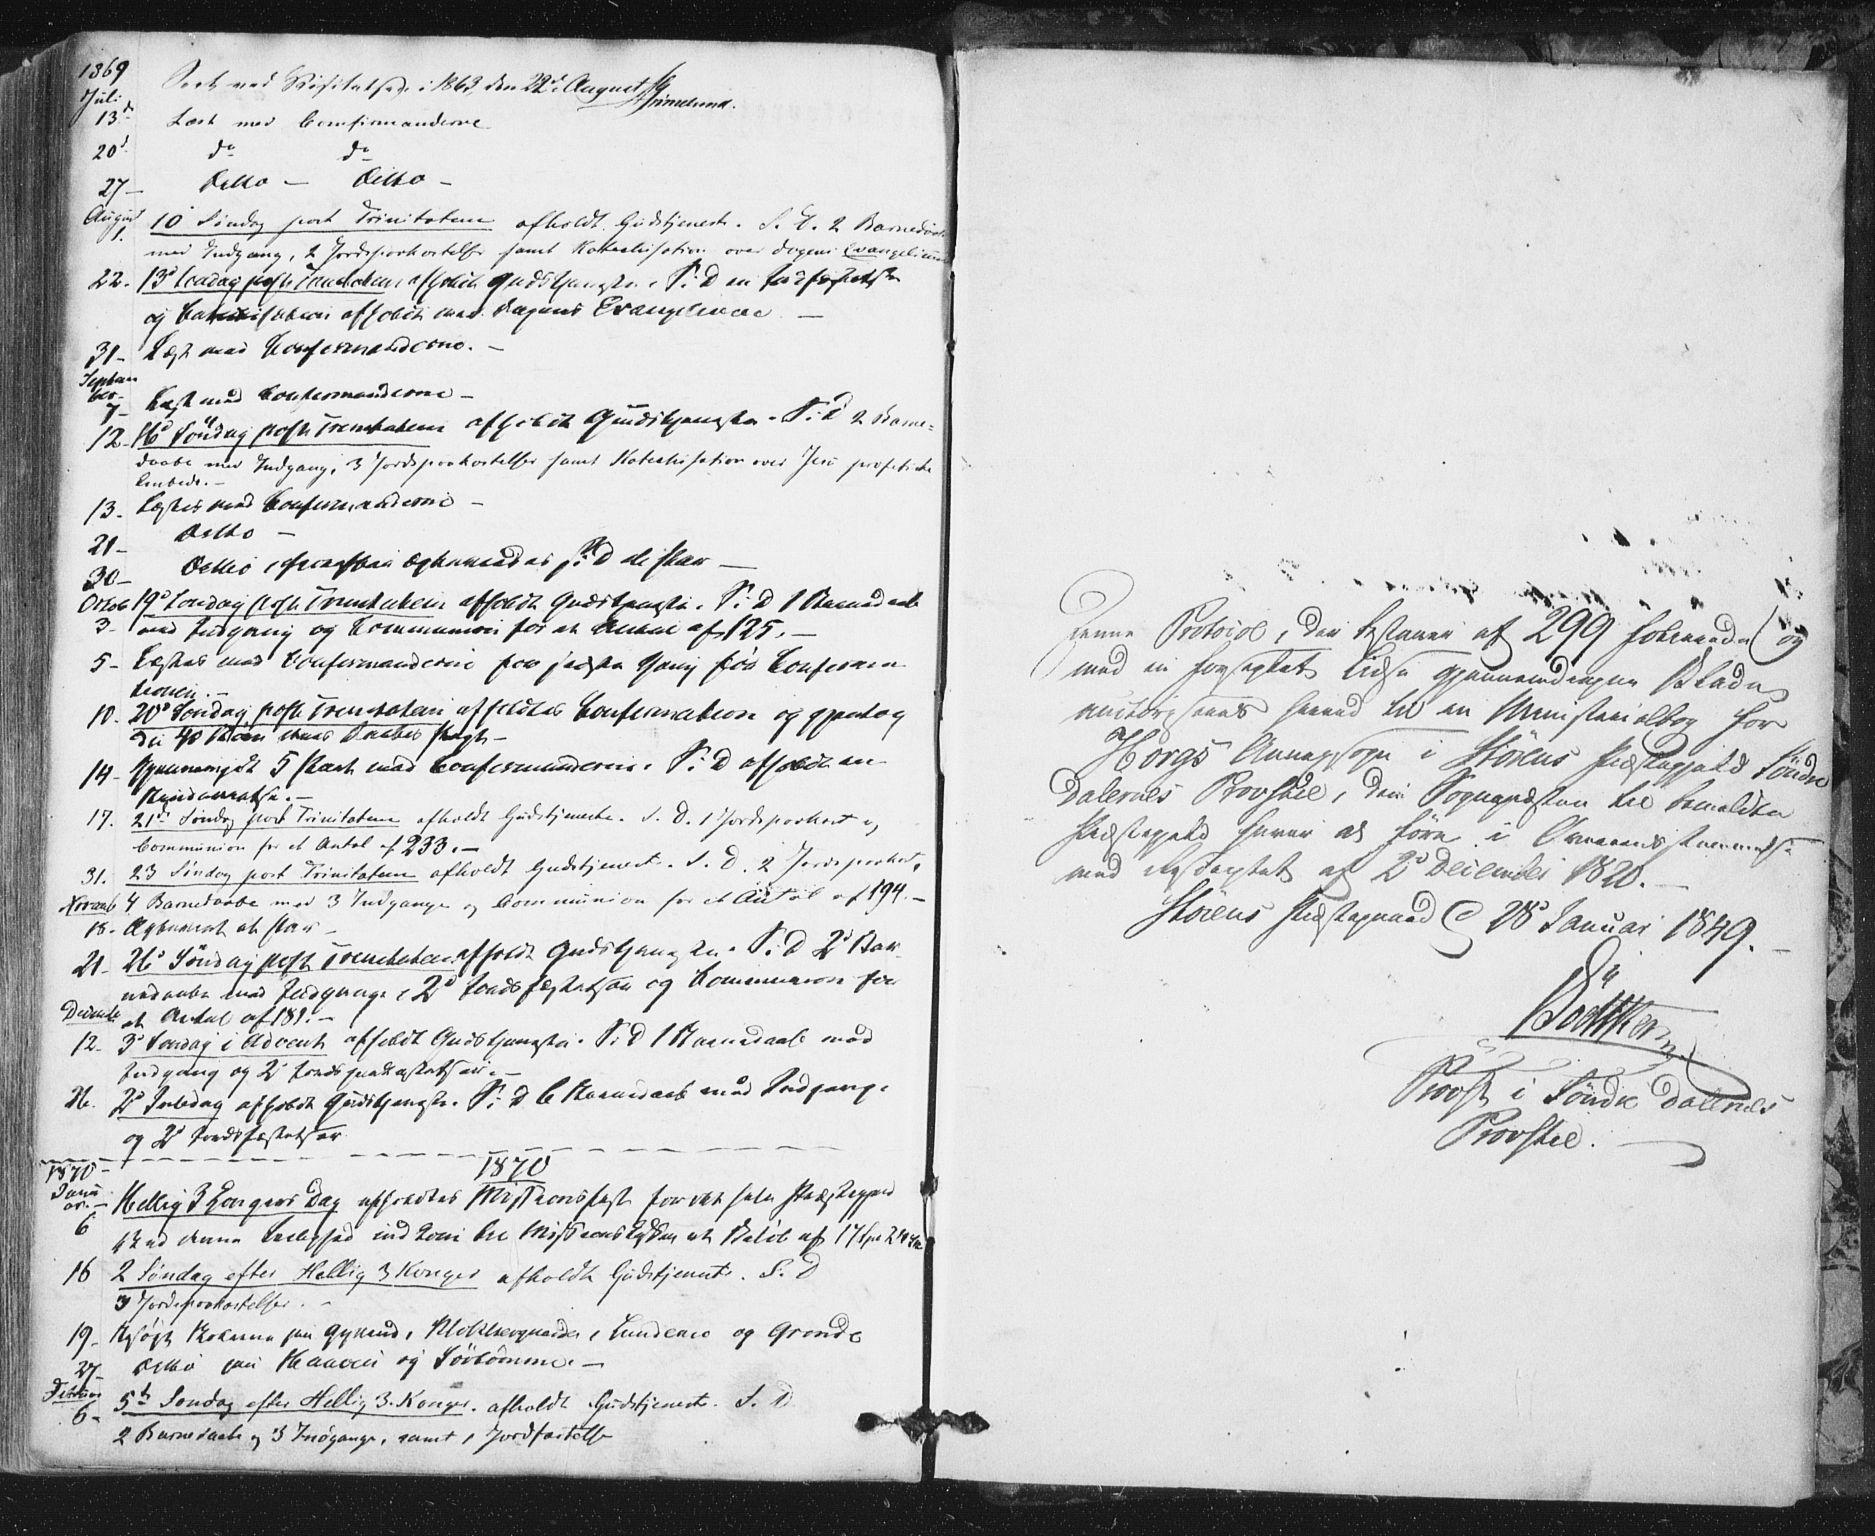 SAT, Ministerialprotokoller, klokkerbøker og fødselsregistre - Sør-Trøndelag, 692/L1103: Ministerialbok nr. 692A03, 1849-1870